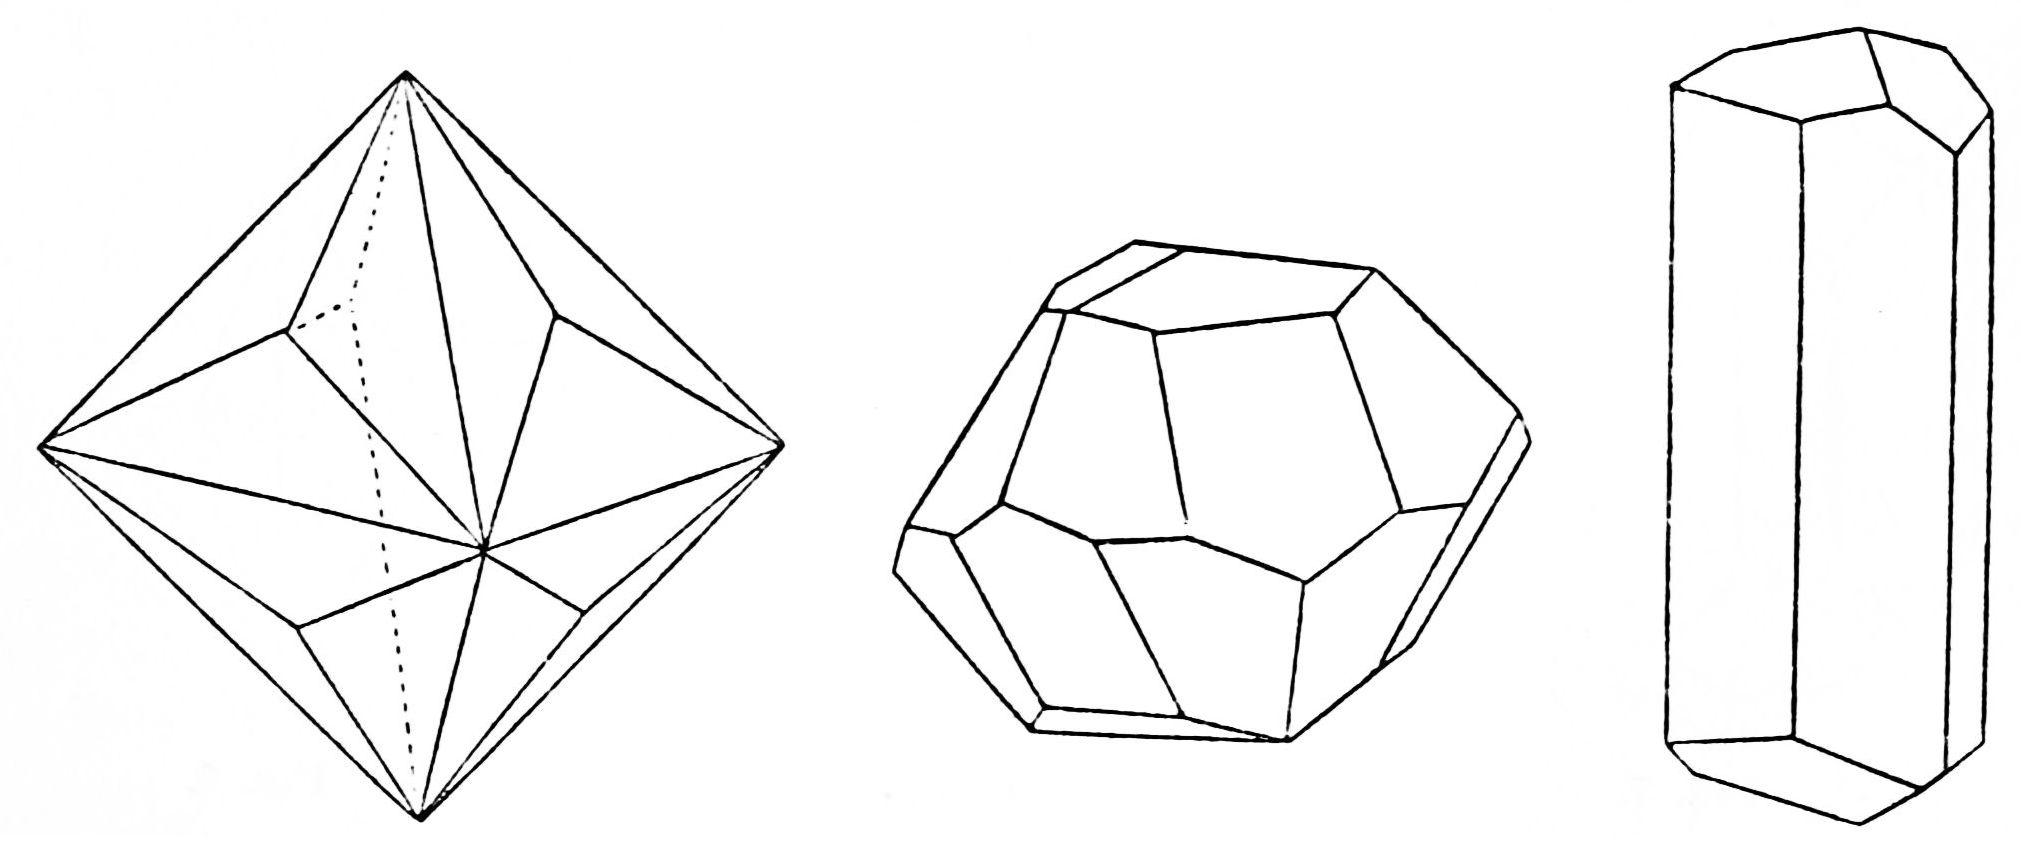 2021x851 Draw Nature